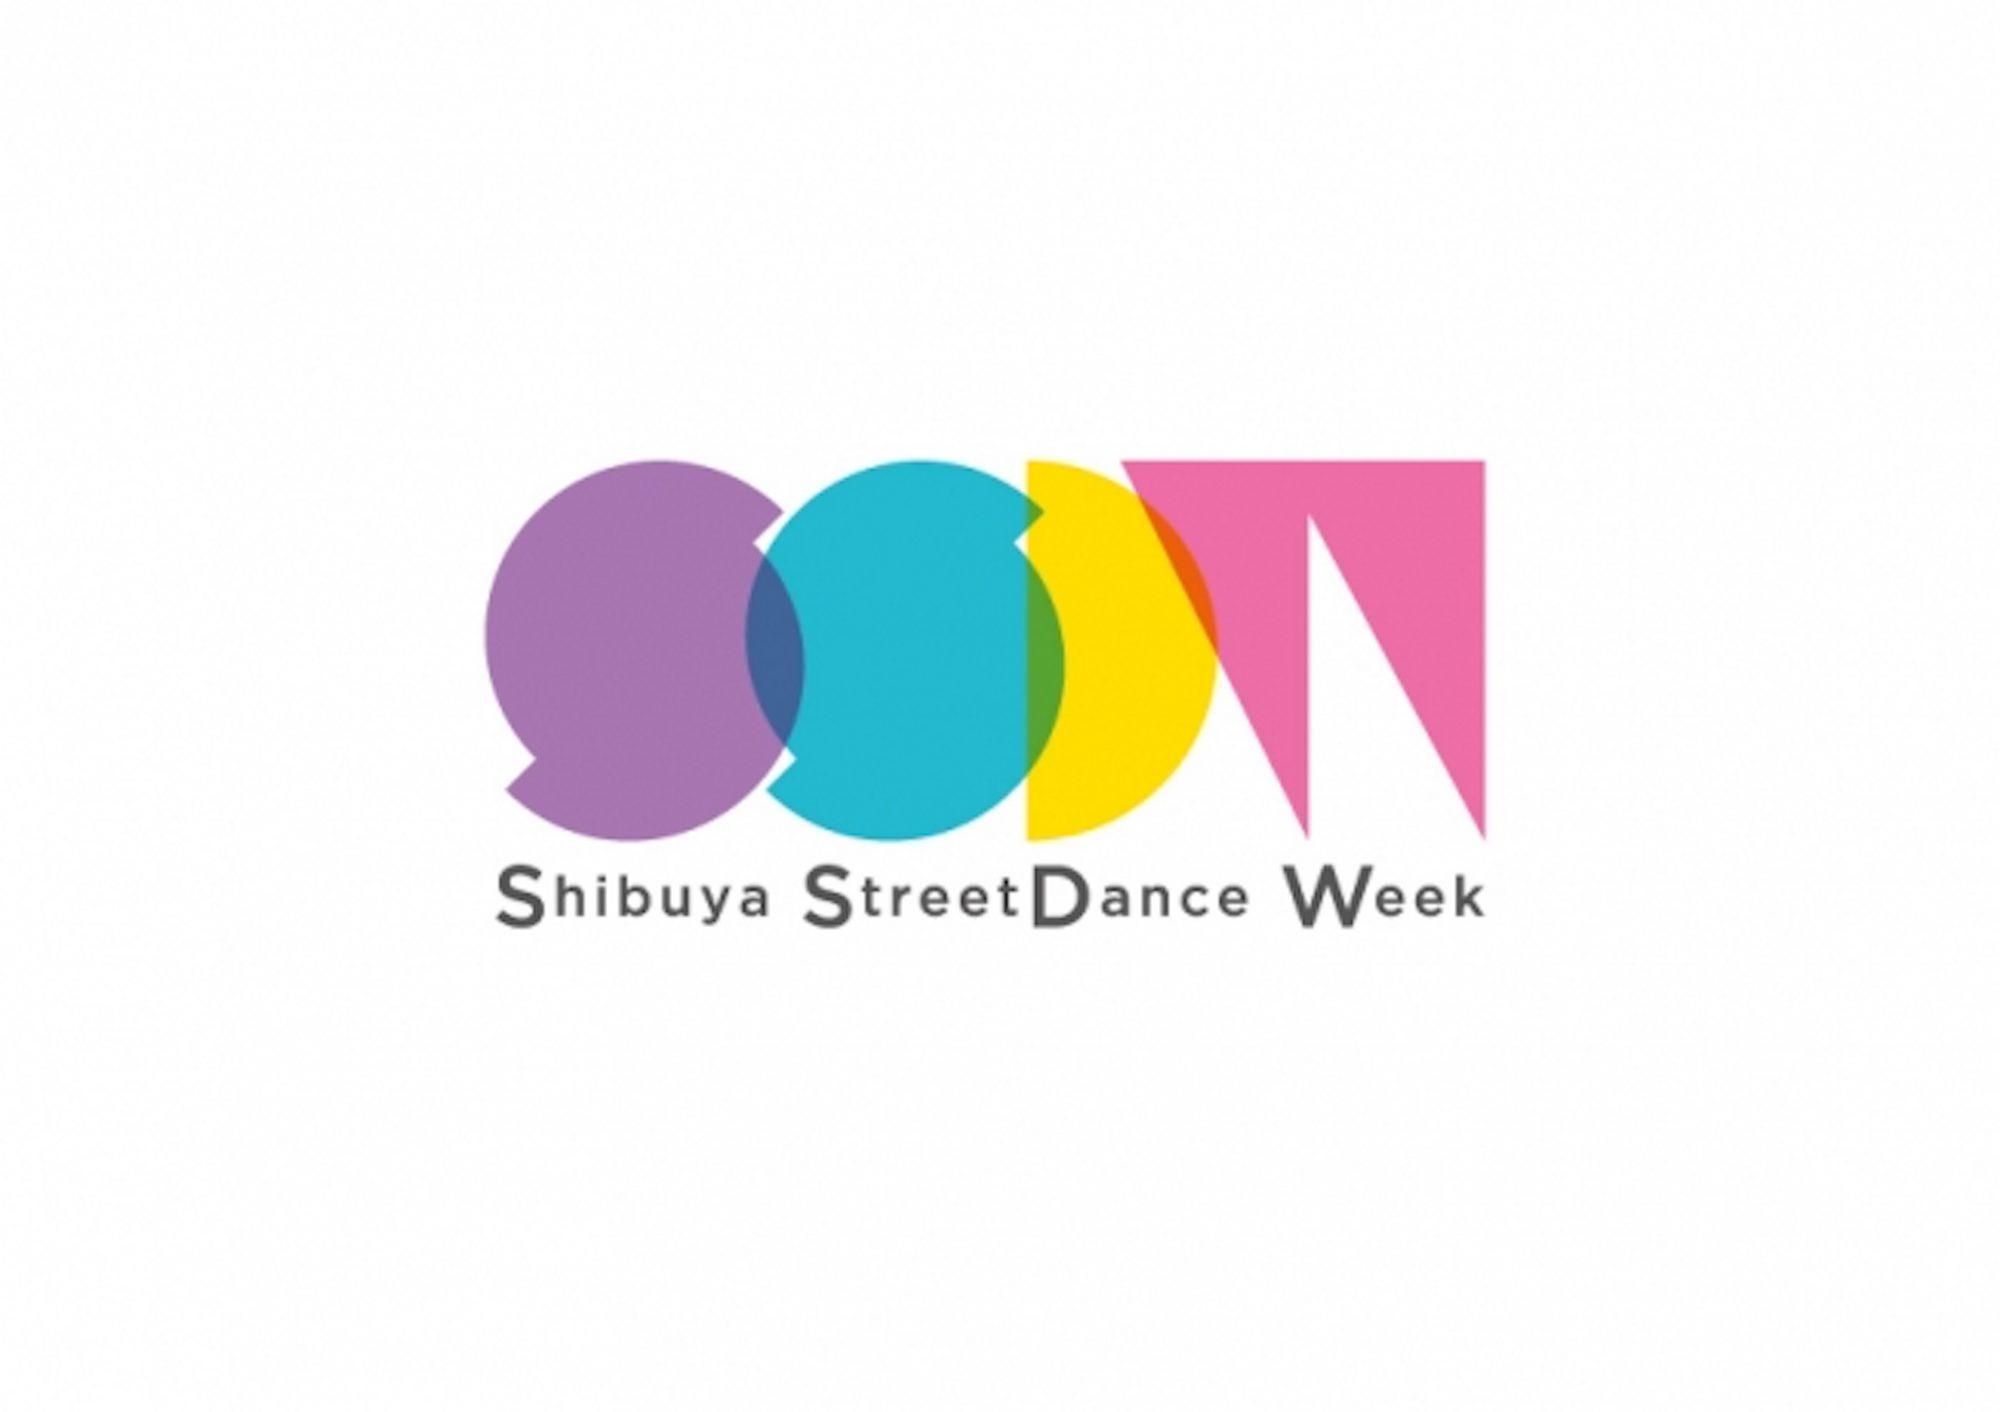 渋谷から世界へ!国内最大規模のストリートダンスの祭典『Shibuya StreetDance Week 2018』開催決定!